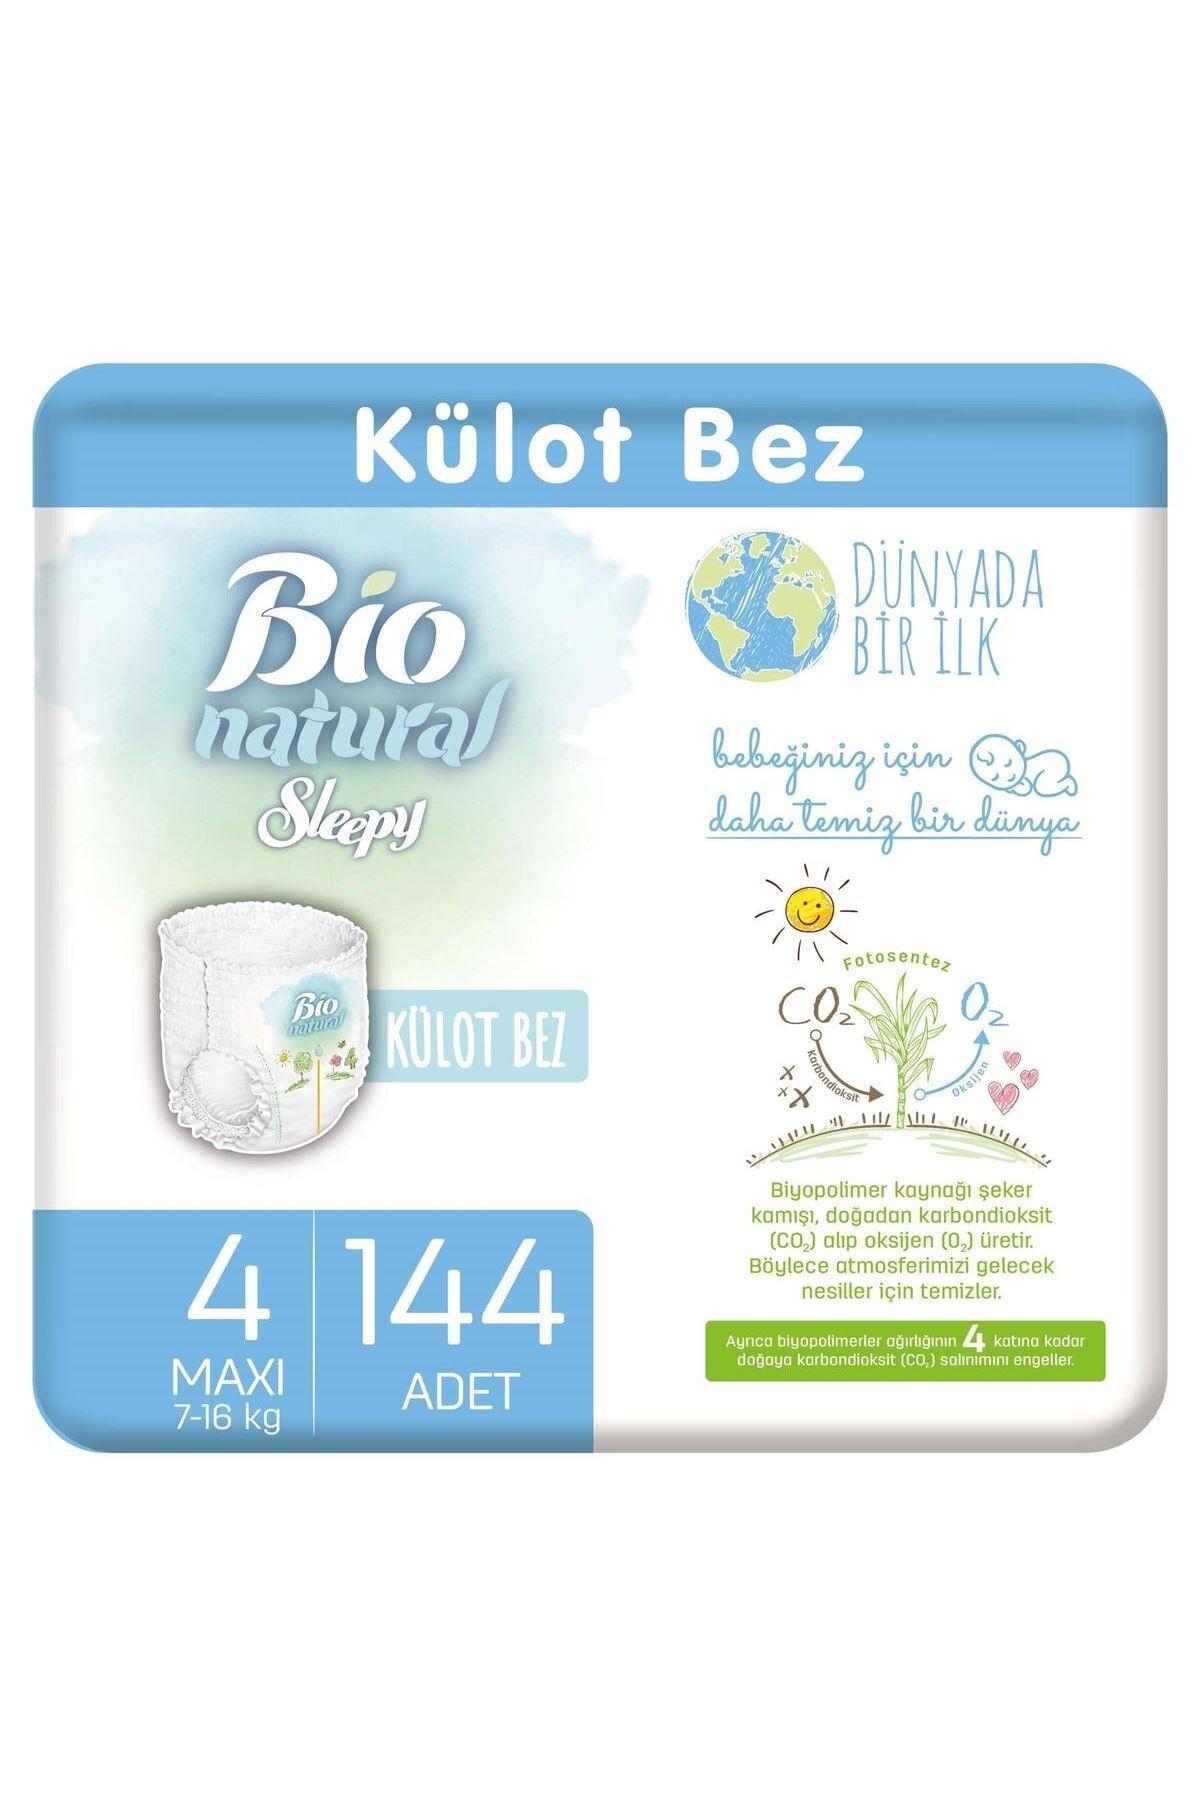 Sleepy Bio Natural Külot Bez 4 Numara Maxi 144 Adet 1